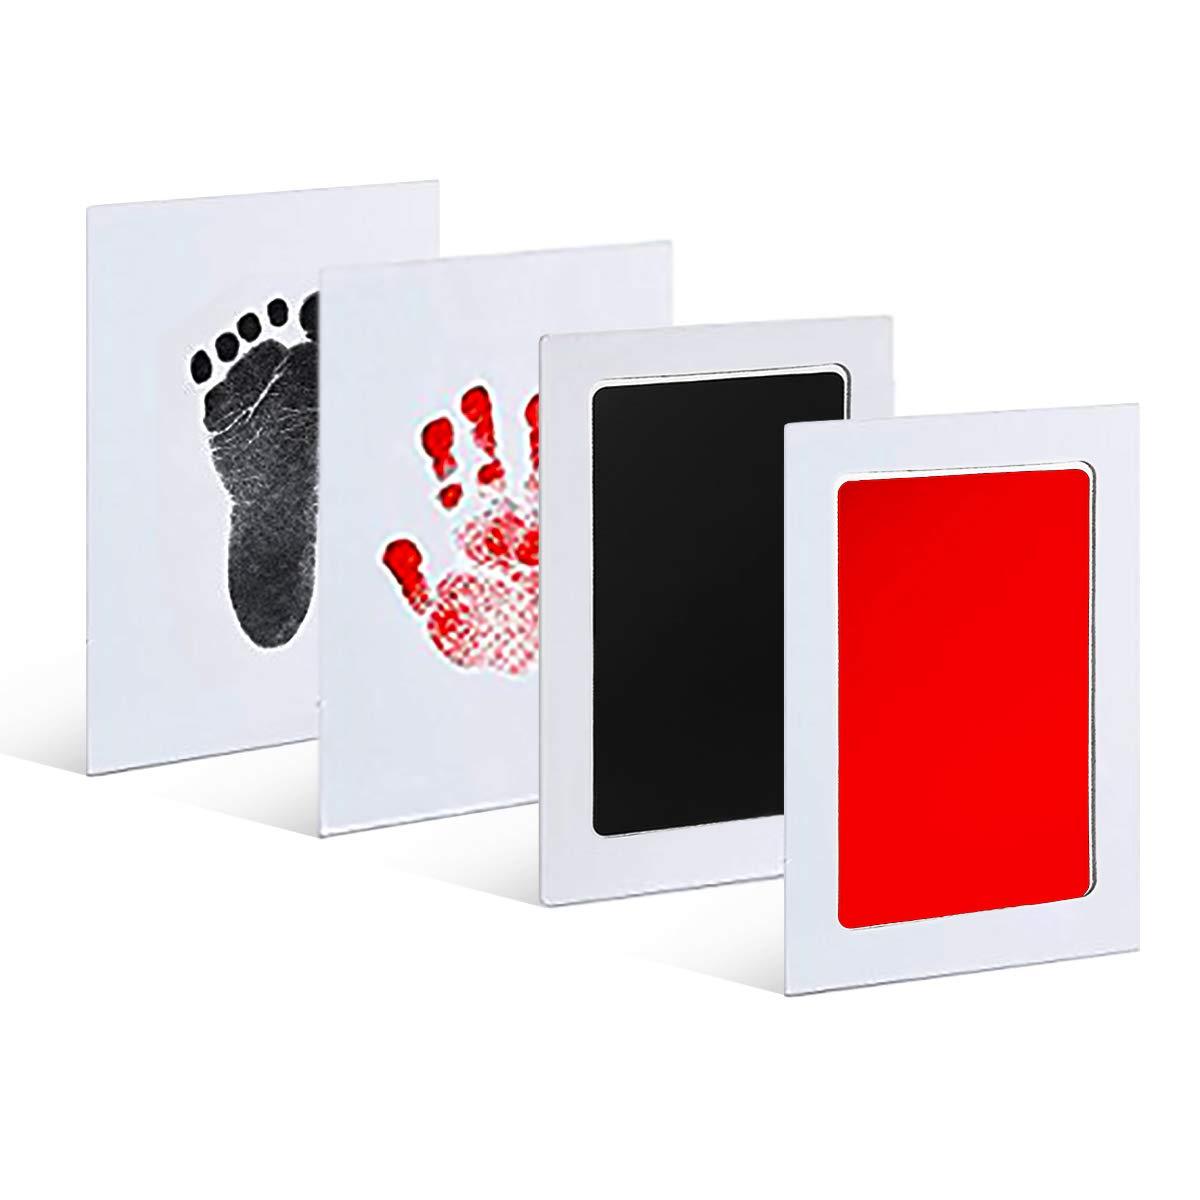 LQRLY Sauber und Sicher f/ür Registry Familien Andenken und Babyparty Geschenk 2 St/ück Baby Abdruck Set Ungiftig Baby Stempelkissen Baby Handabdruck und Fu/ßabdruck Set